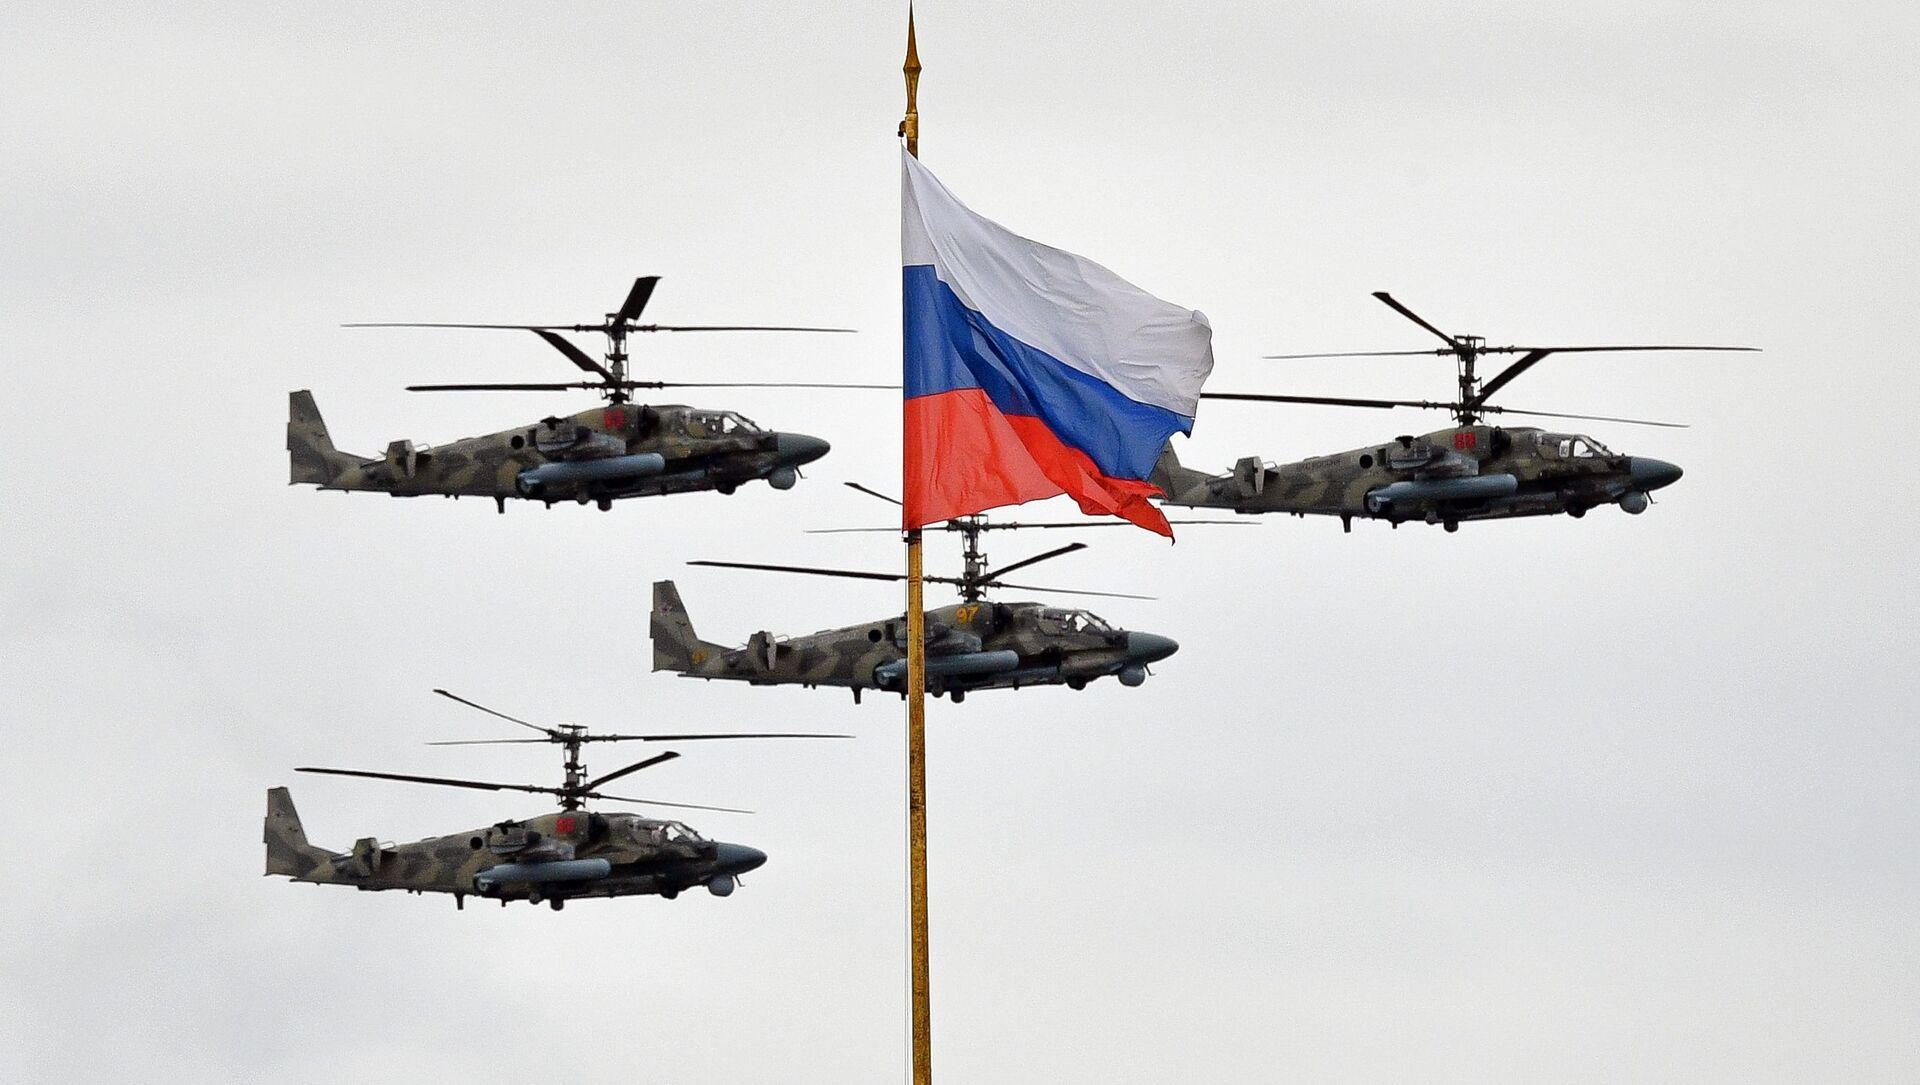 Хеликоптери Ка-52 Алигатор на ваздушној паради Победе у Москви - Sputnik Србија, 1920, 23.02.2021